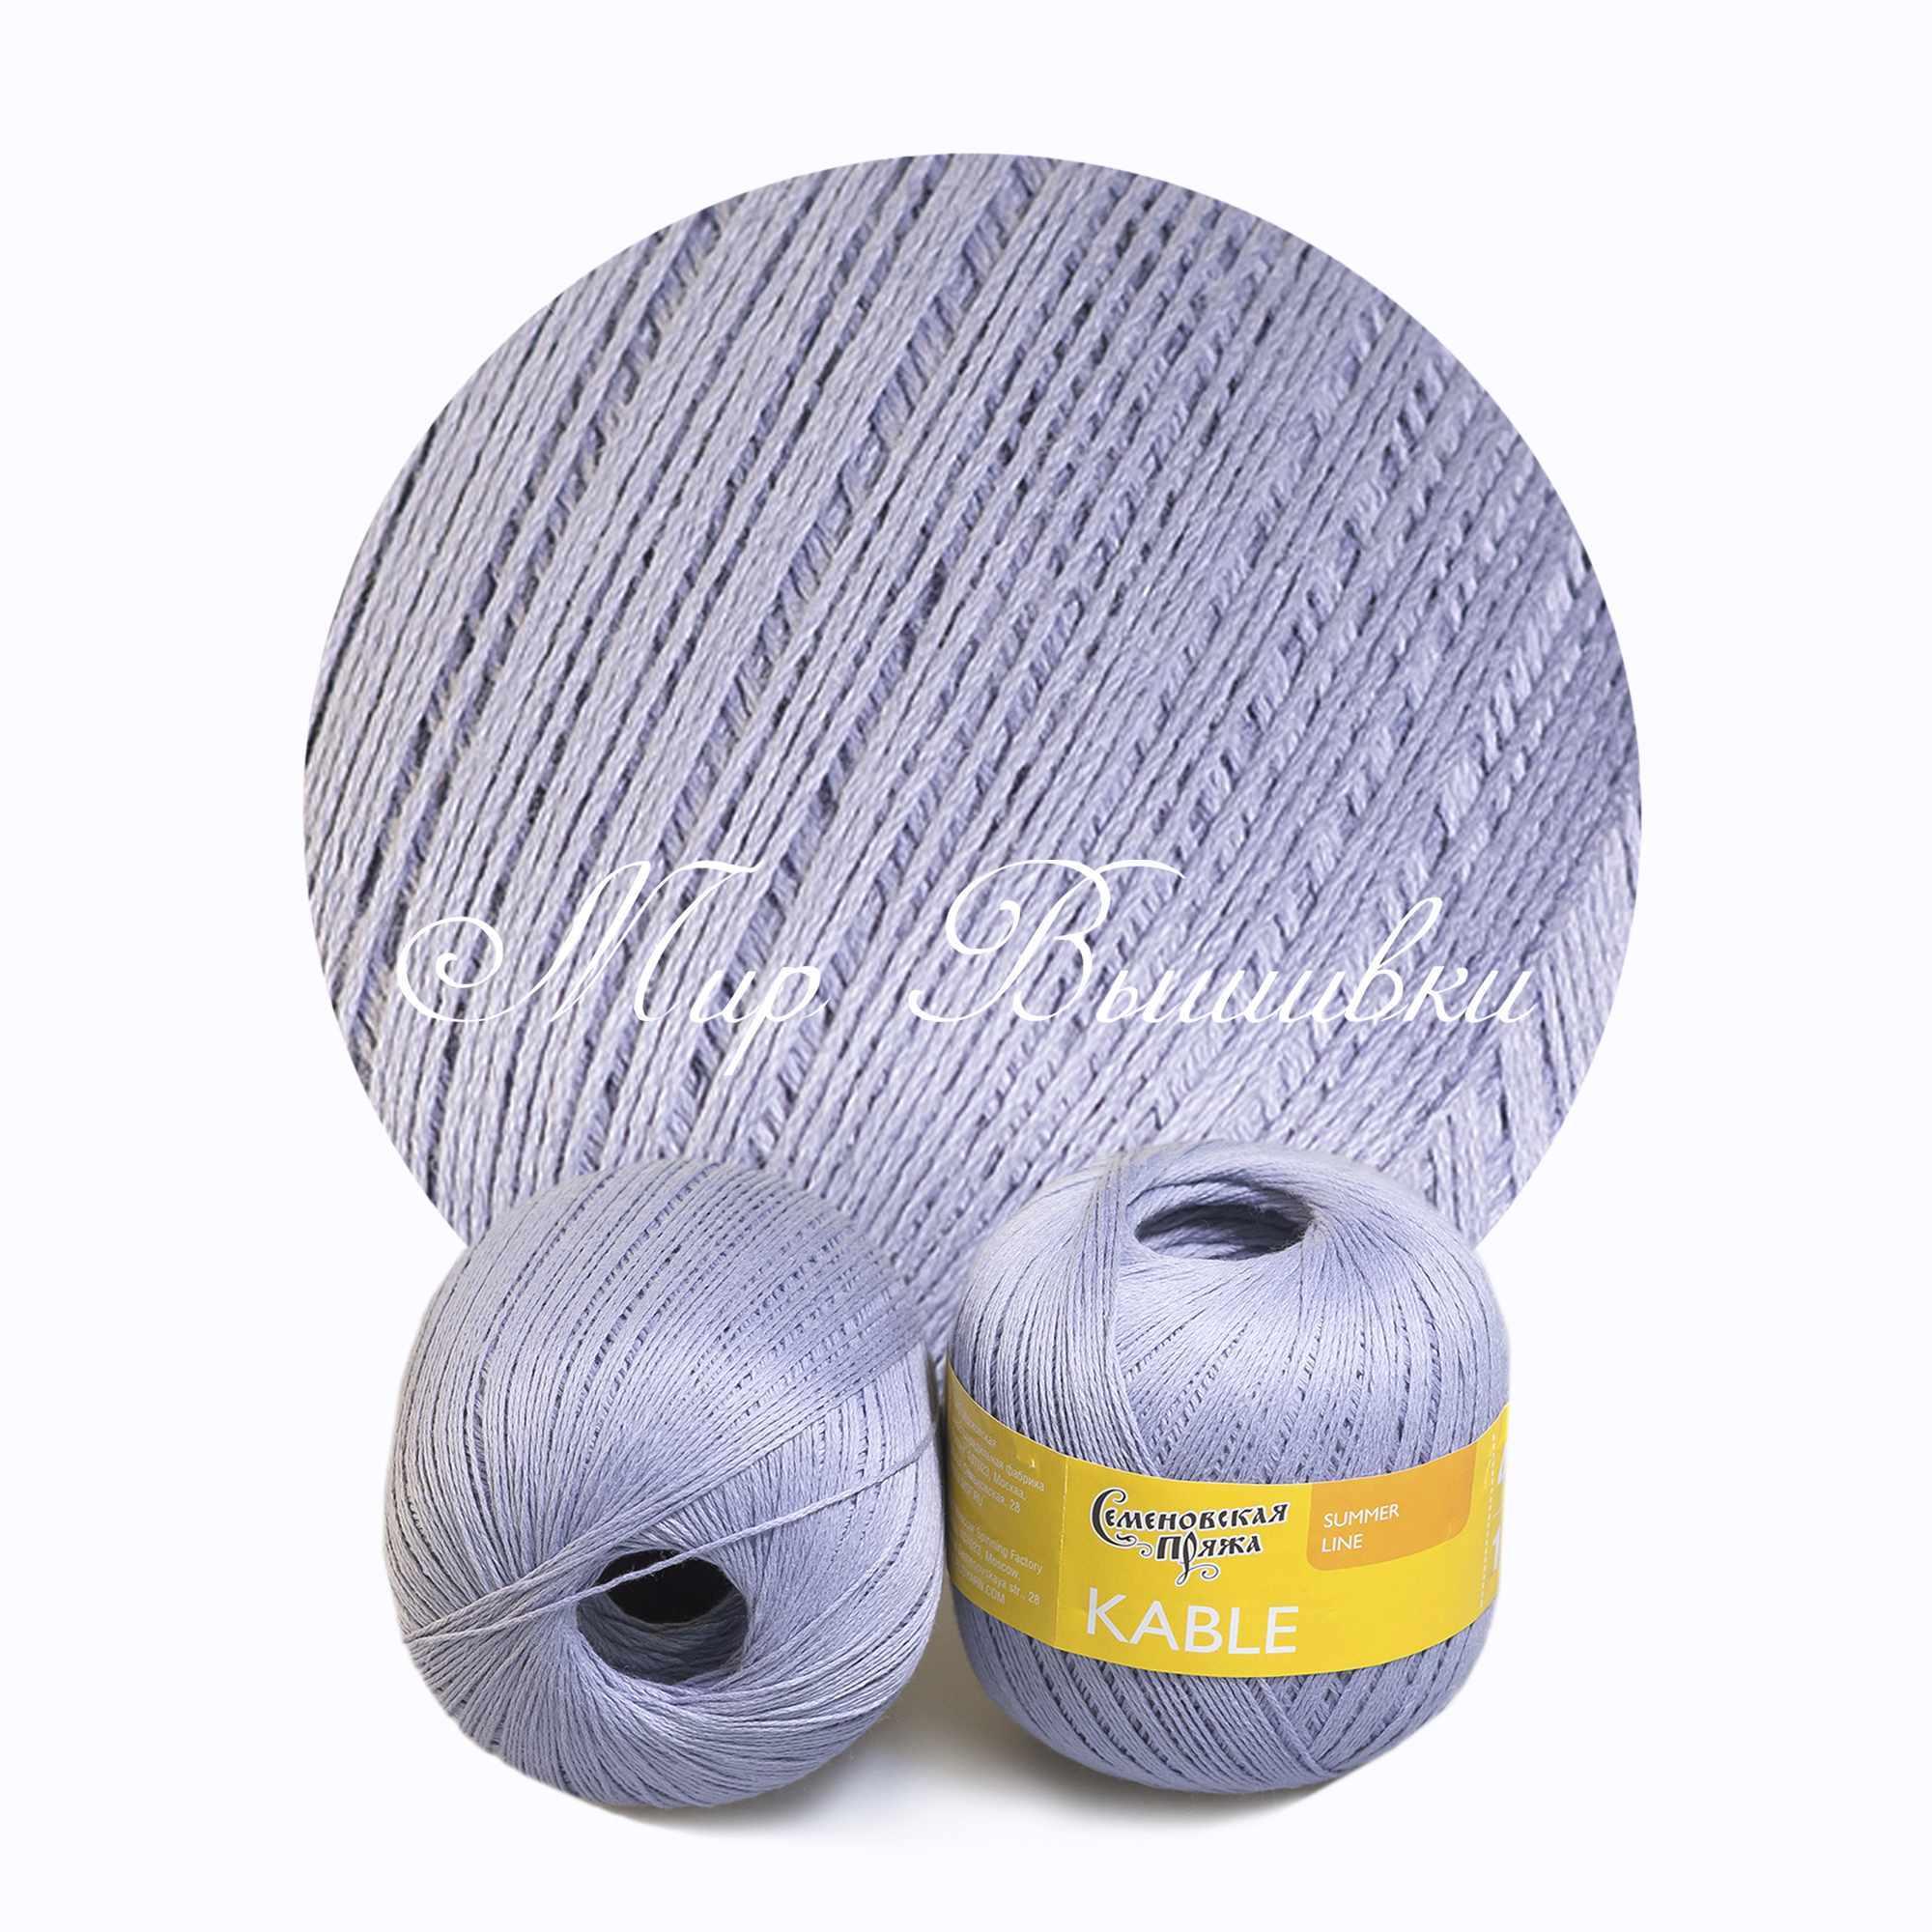 Кабле нитки для вязания 41